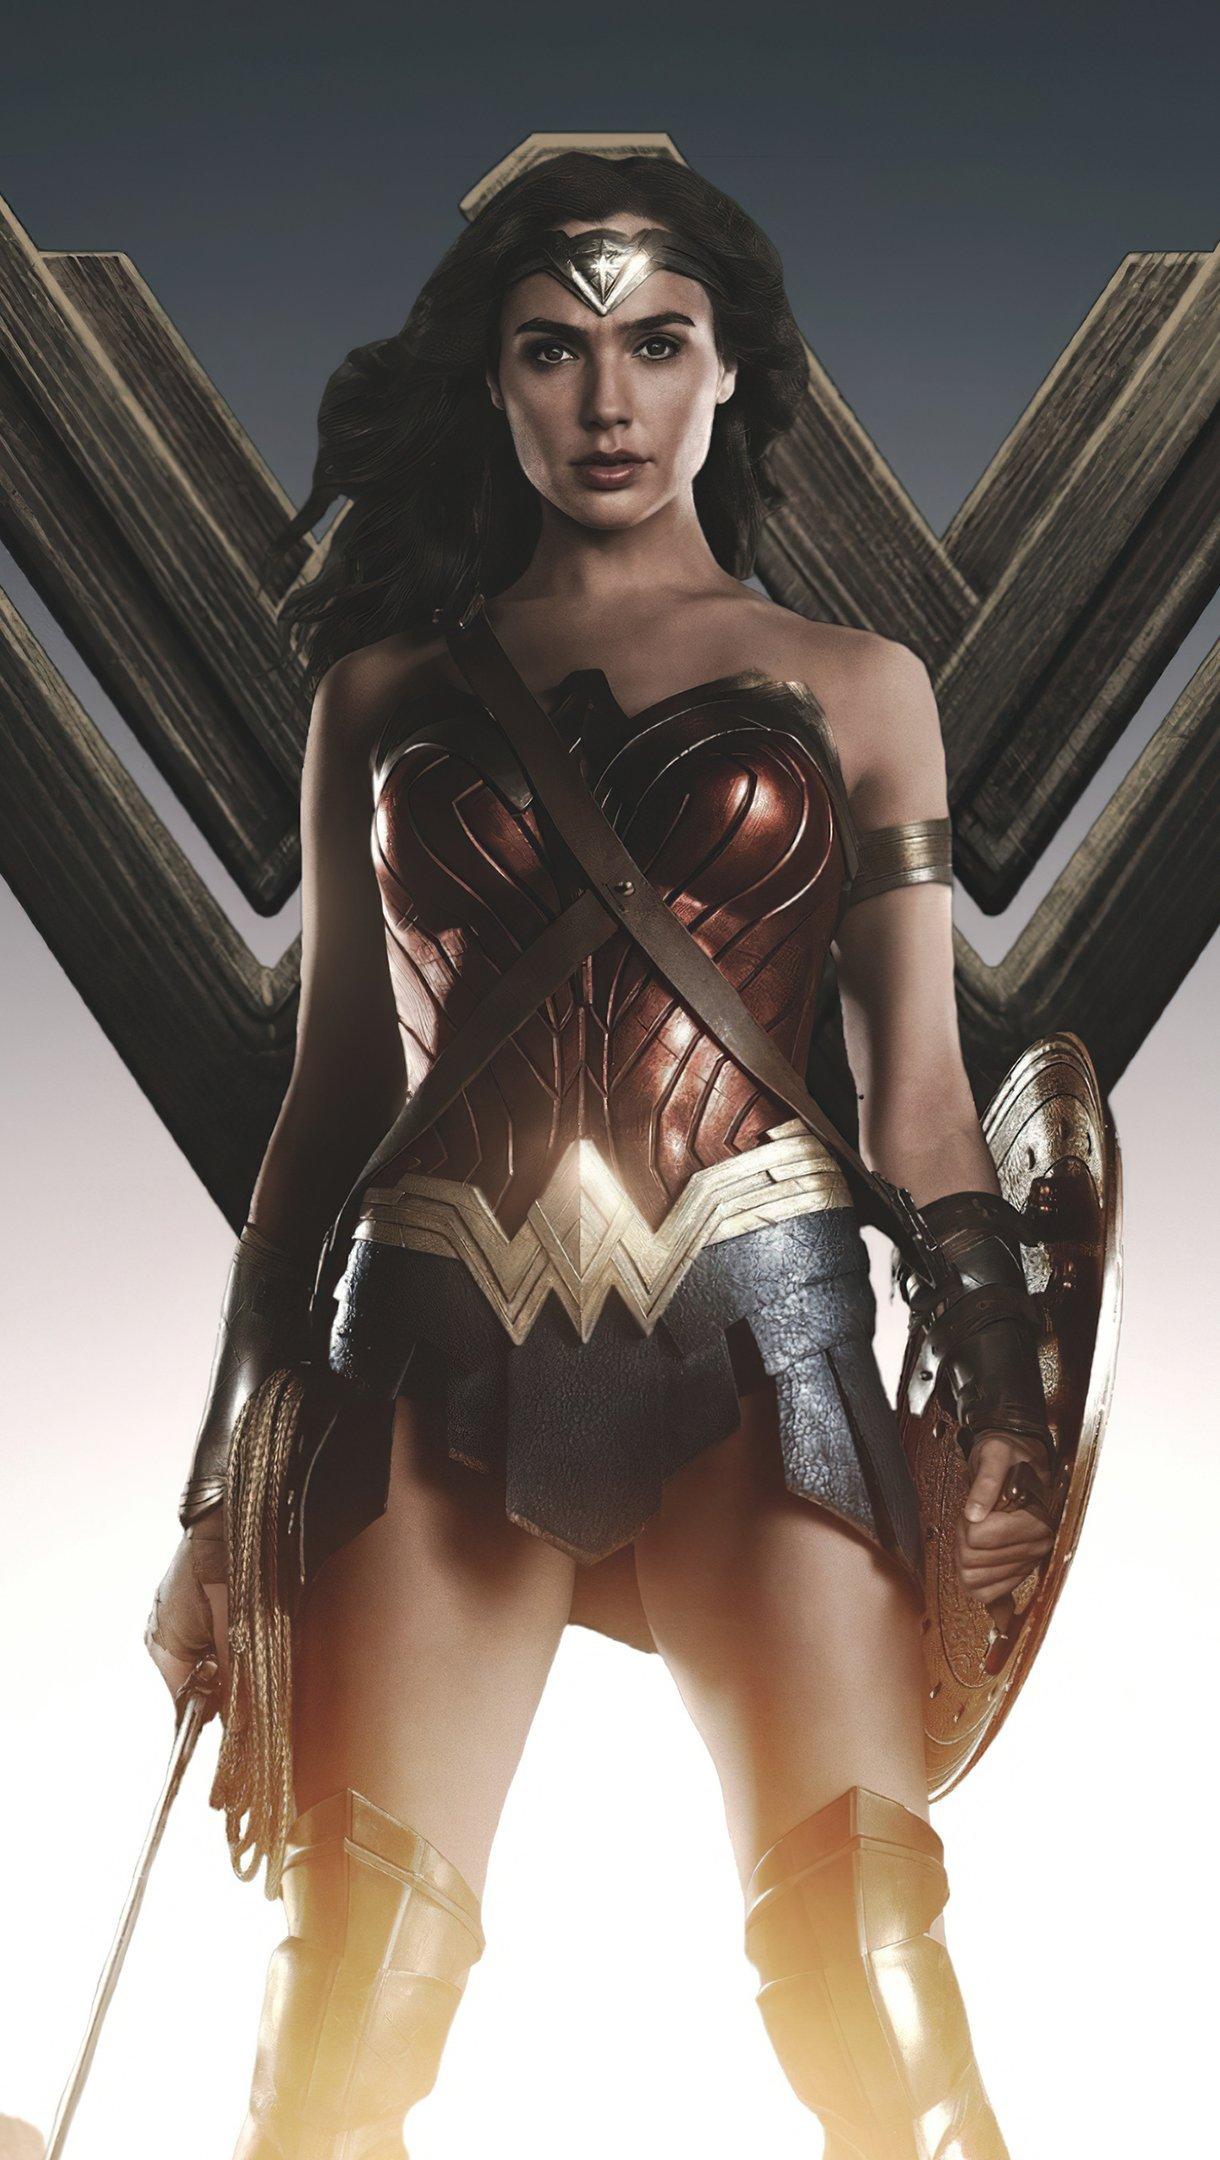 Wallpaper Wonder Woman 84 Vertical